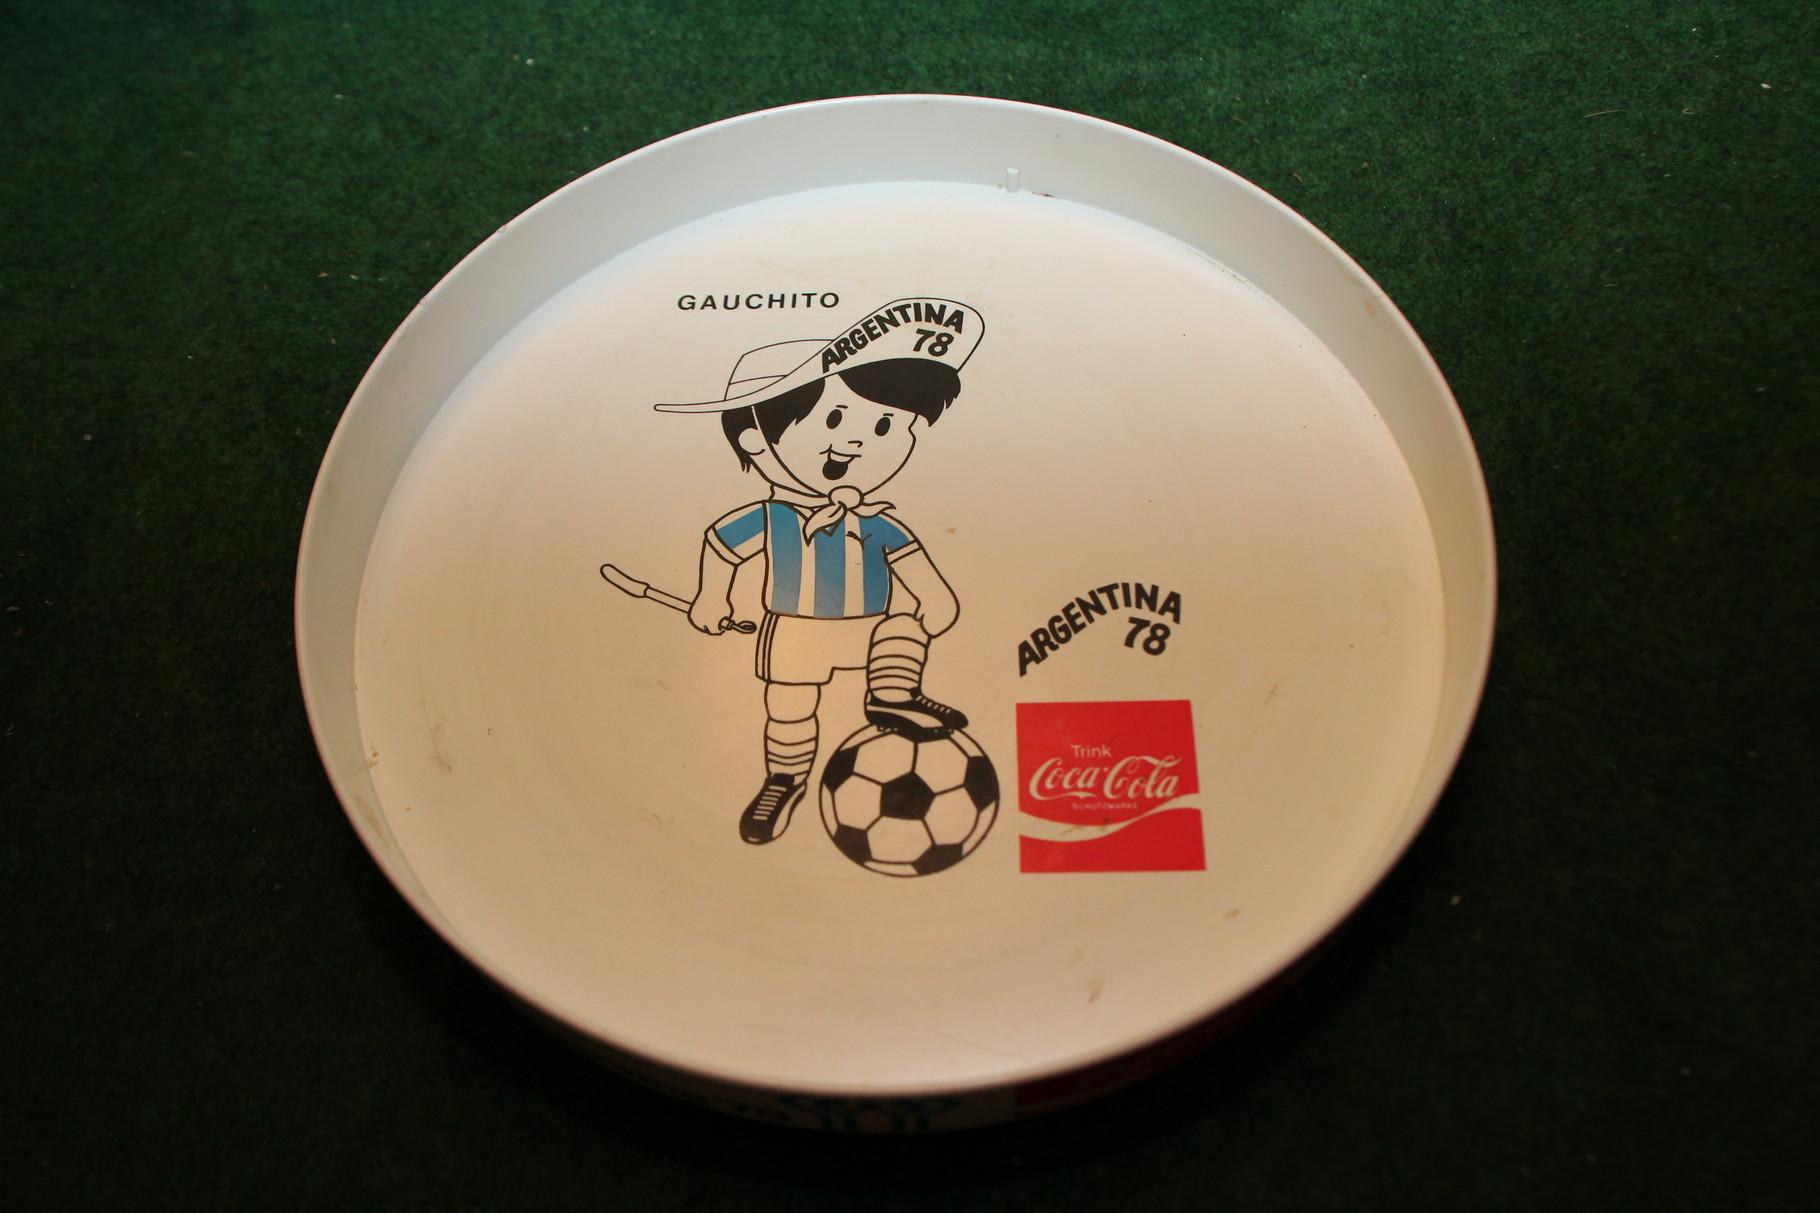 Serviertablet mit Gauchito von der WM 1978 in Argentinien.